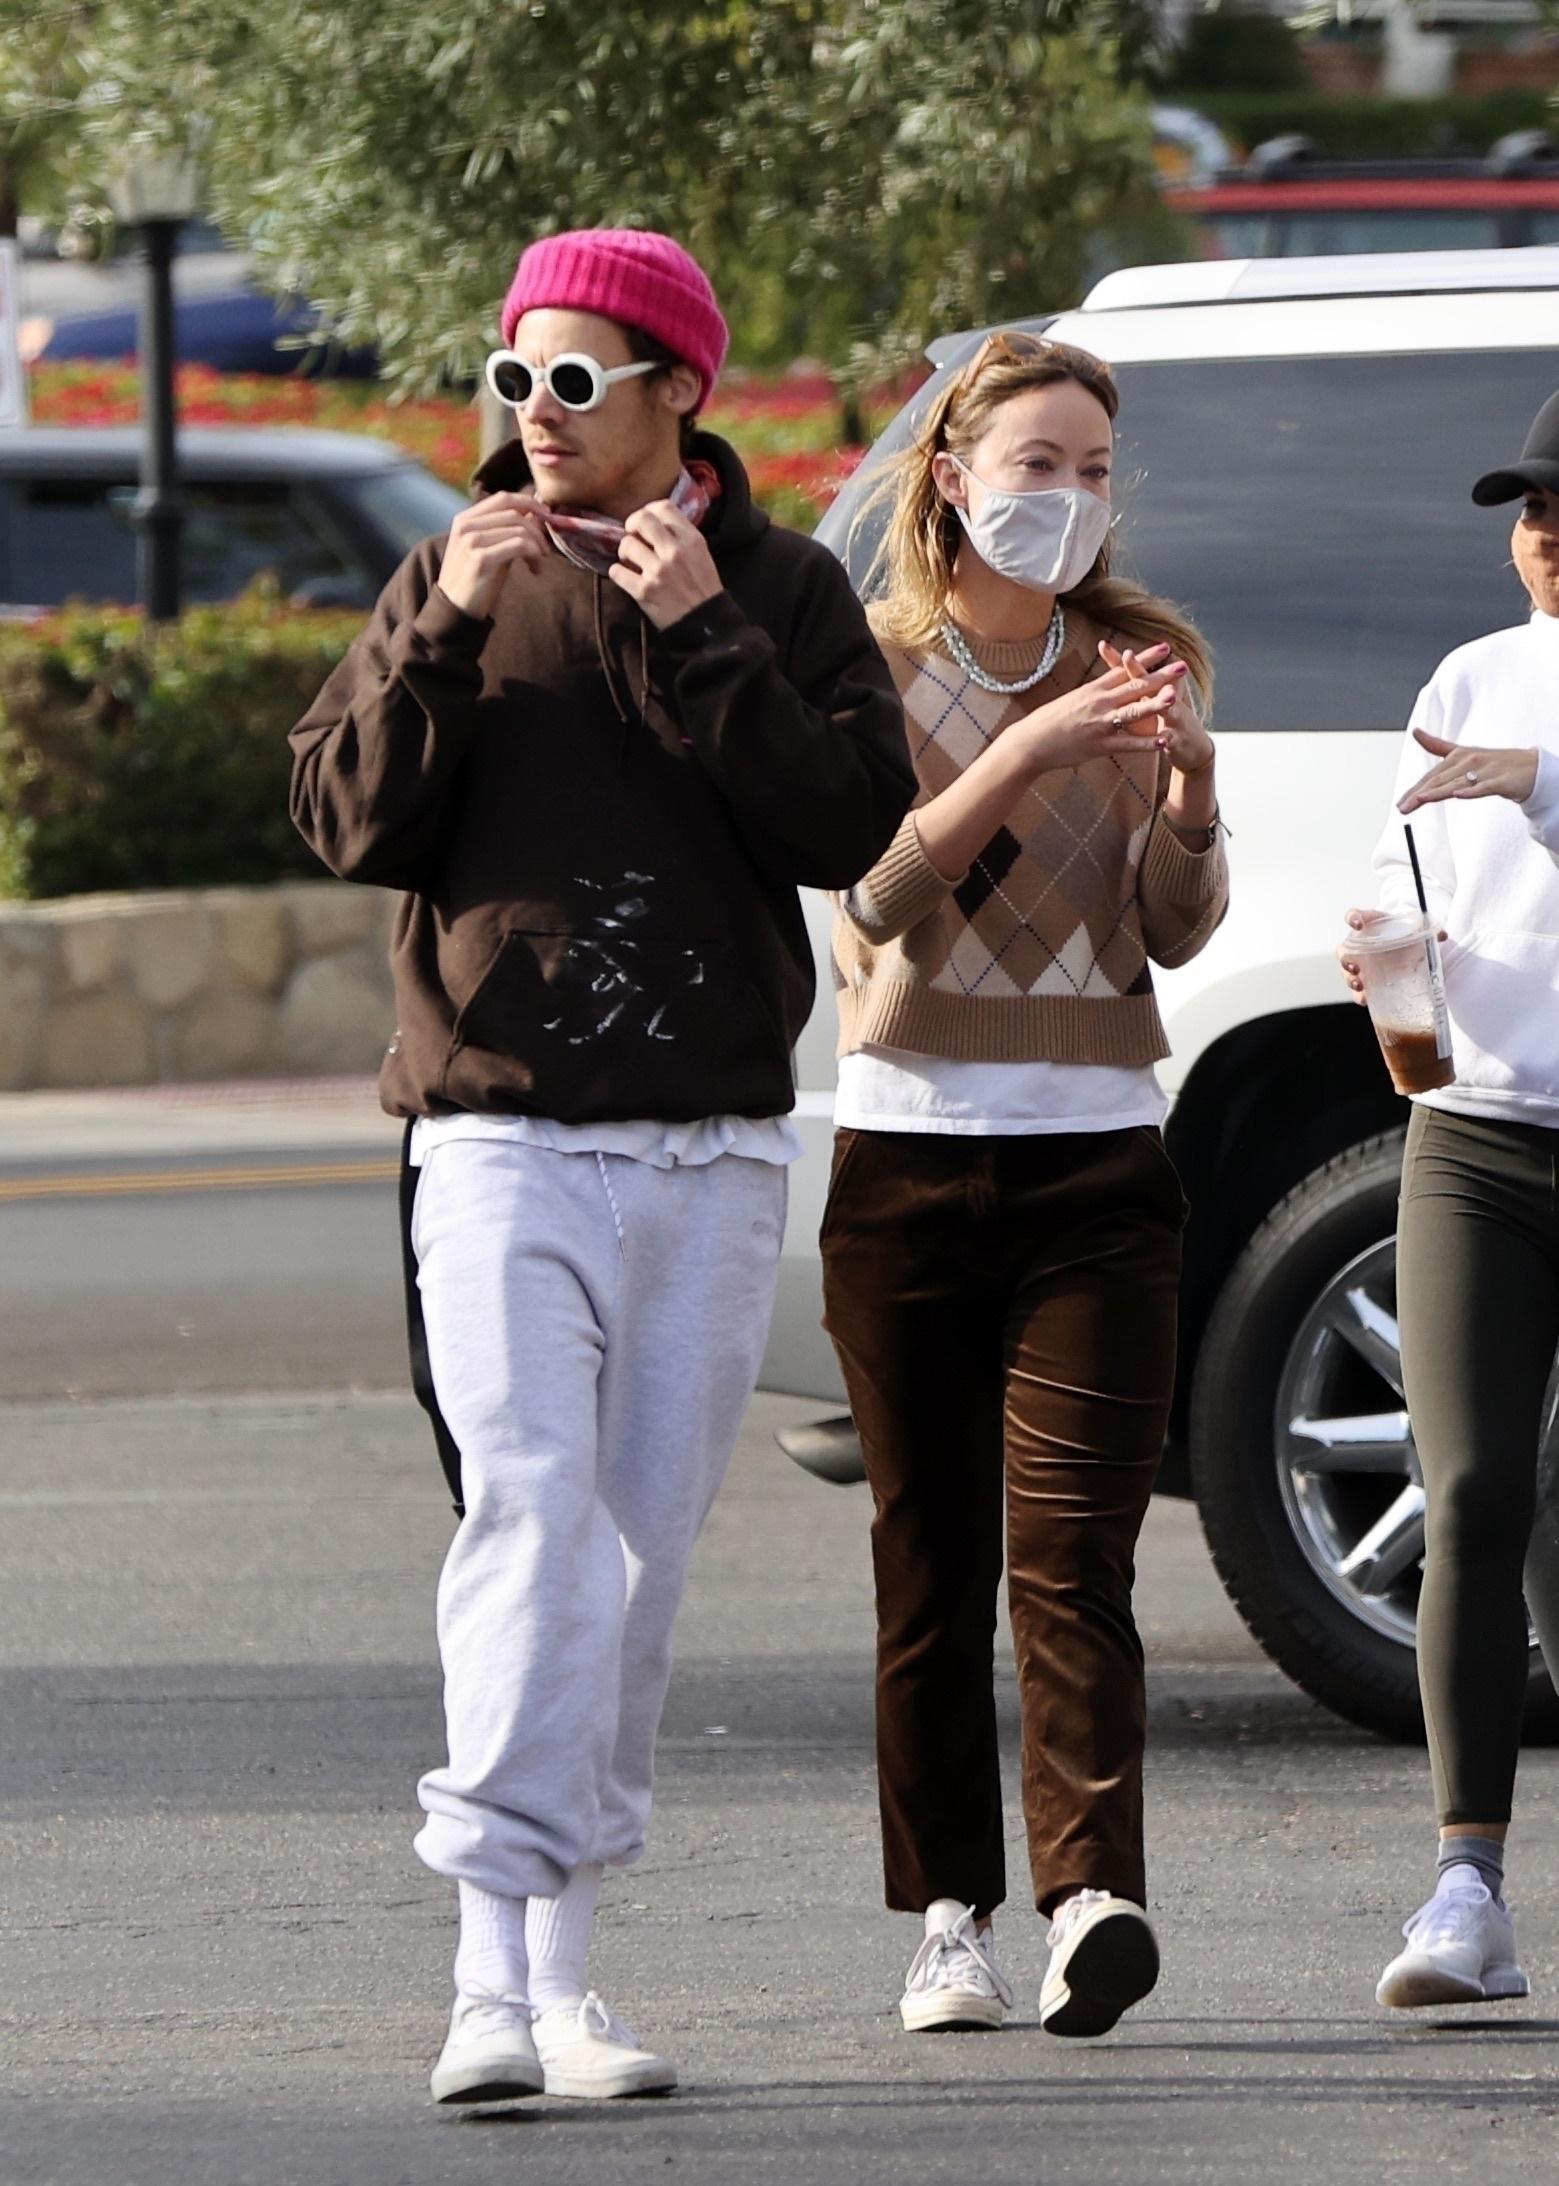 Su paseo juntos confirma su idilio, también con la moda.